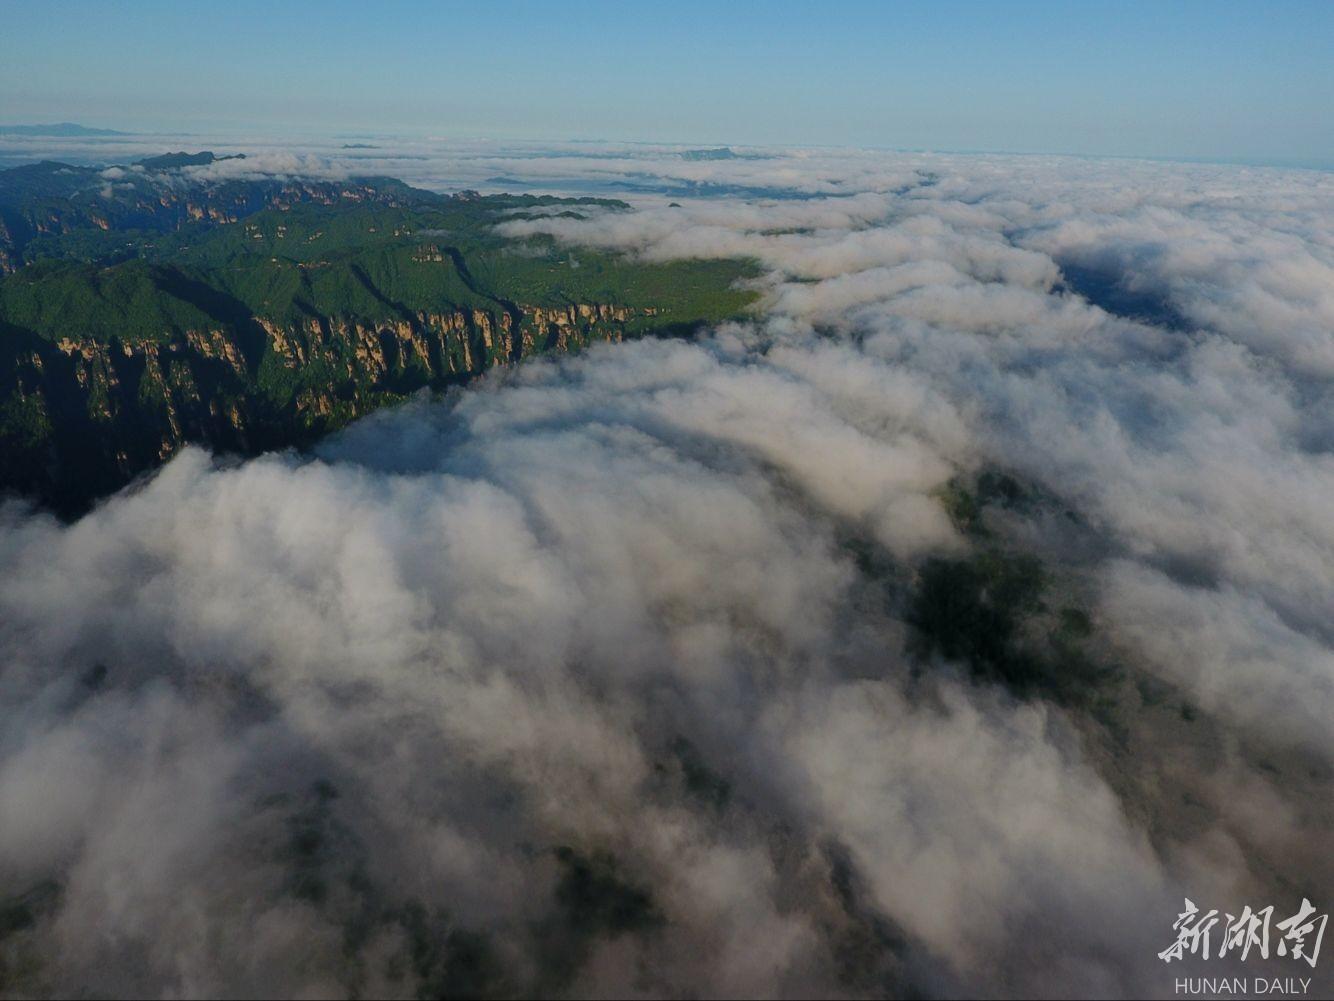 雨过天晴的湖南张家界武陵源天子山风景区出现波澜壮阔的云海景观.